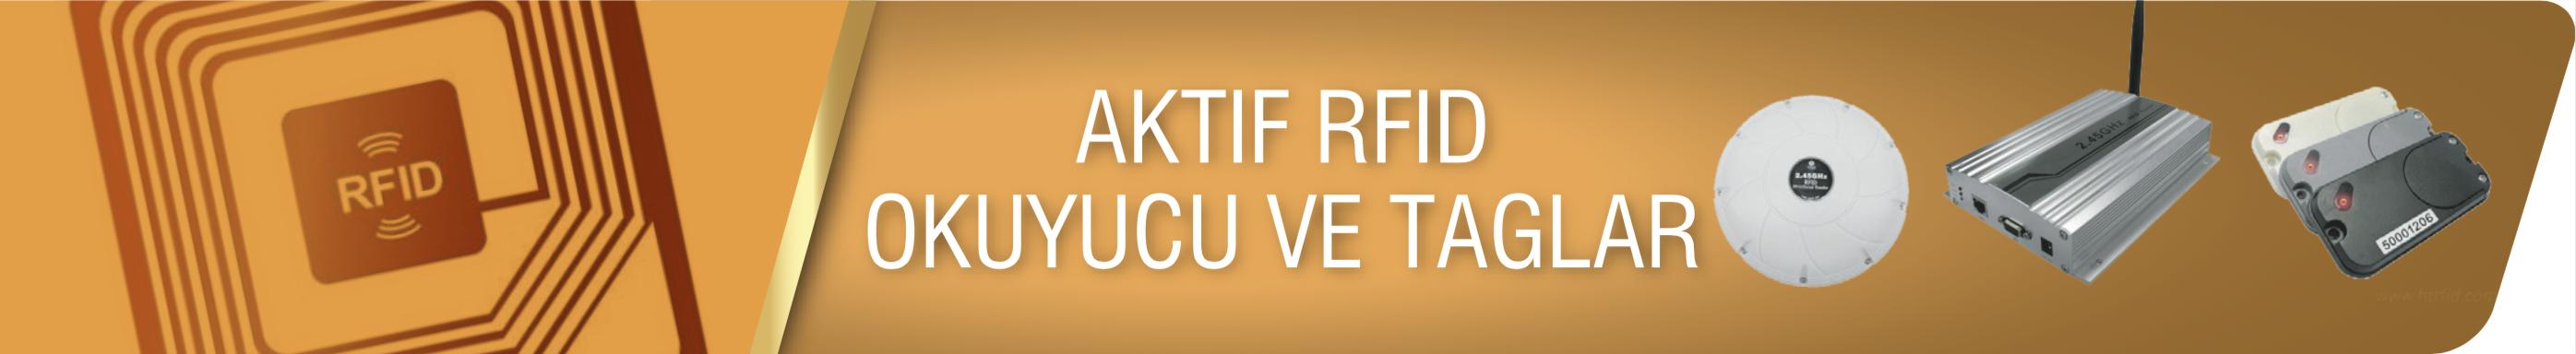 Aktif RFID Okuyucular